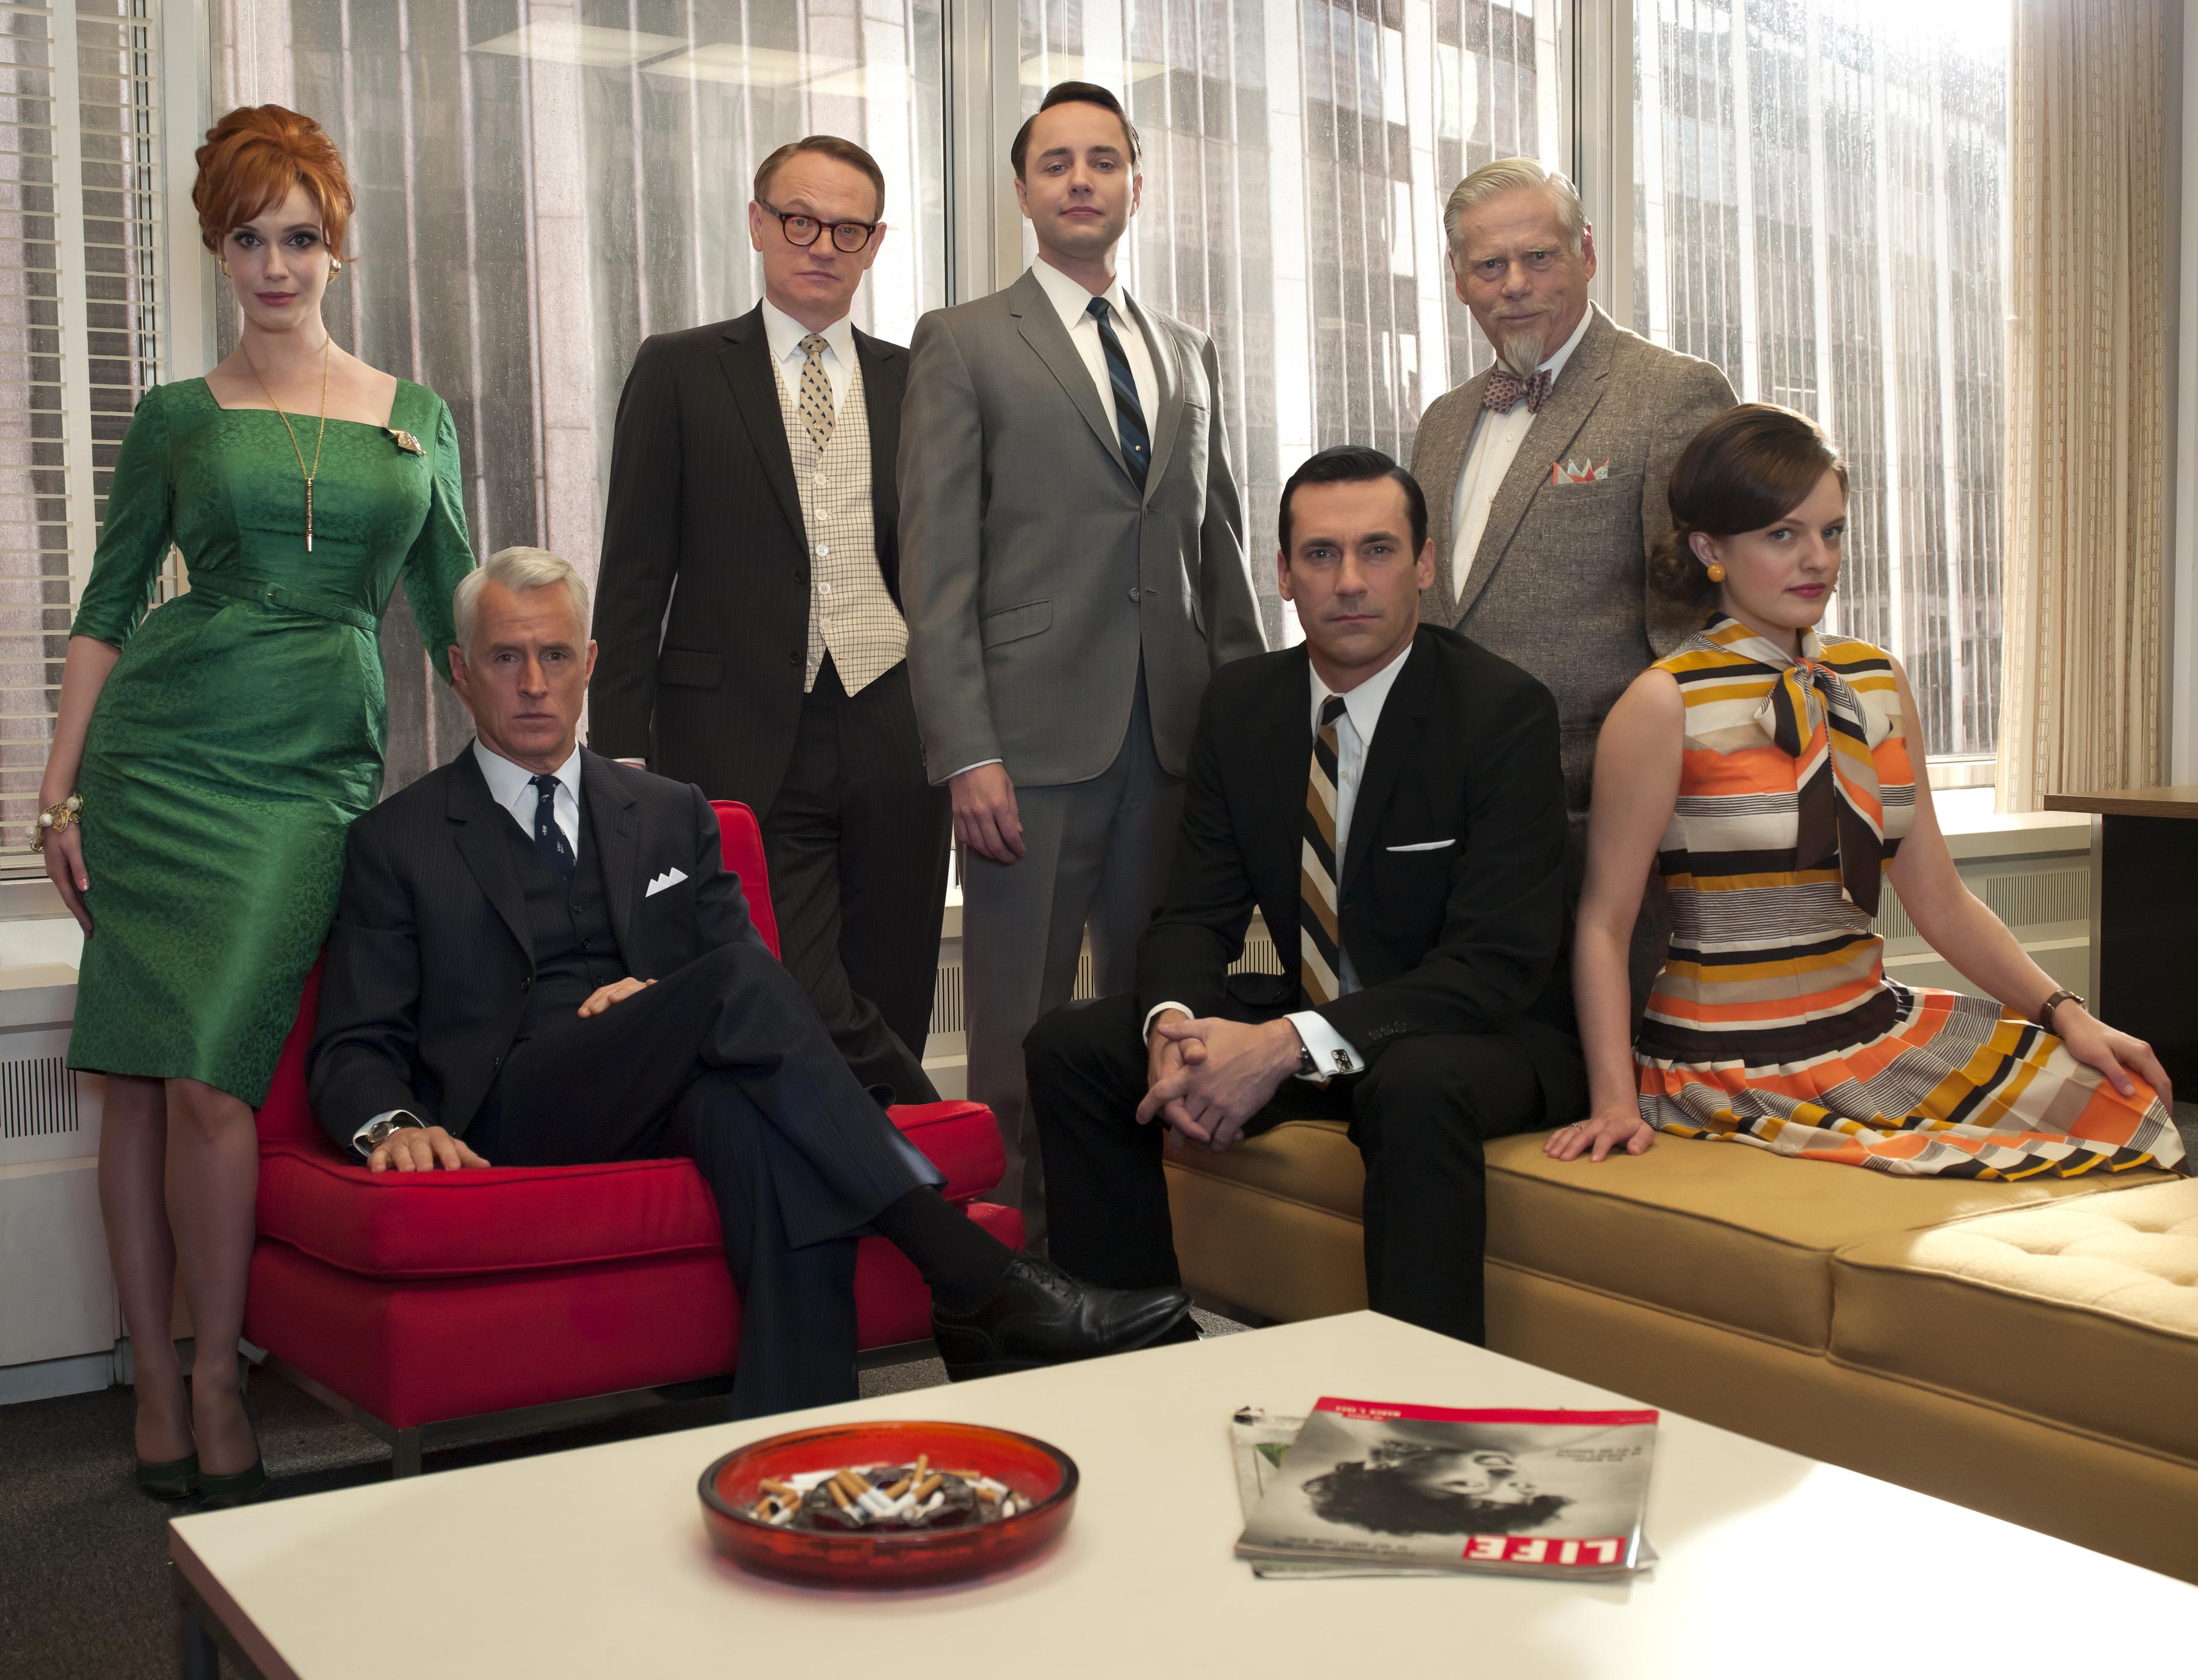 Cast of 'Mad Men'